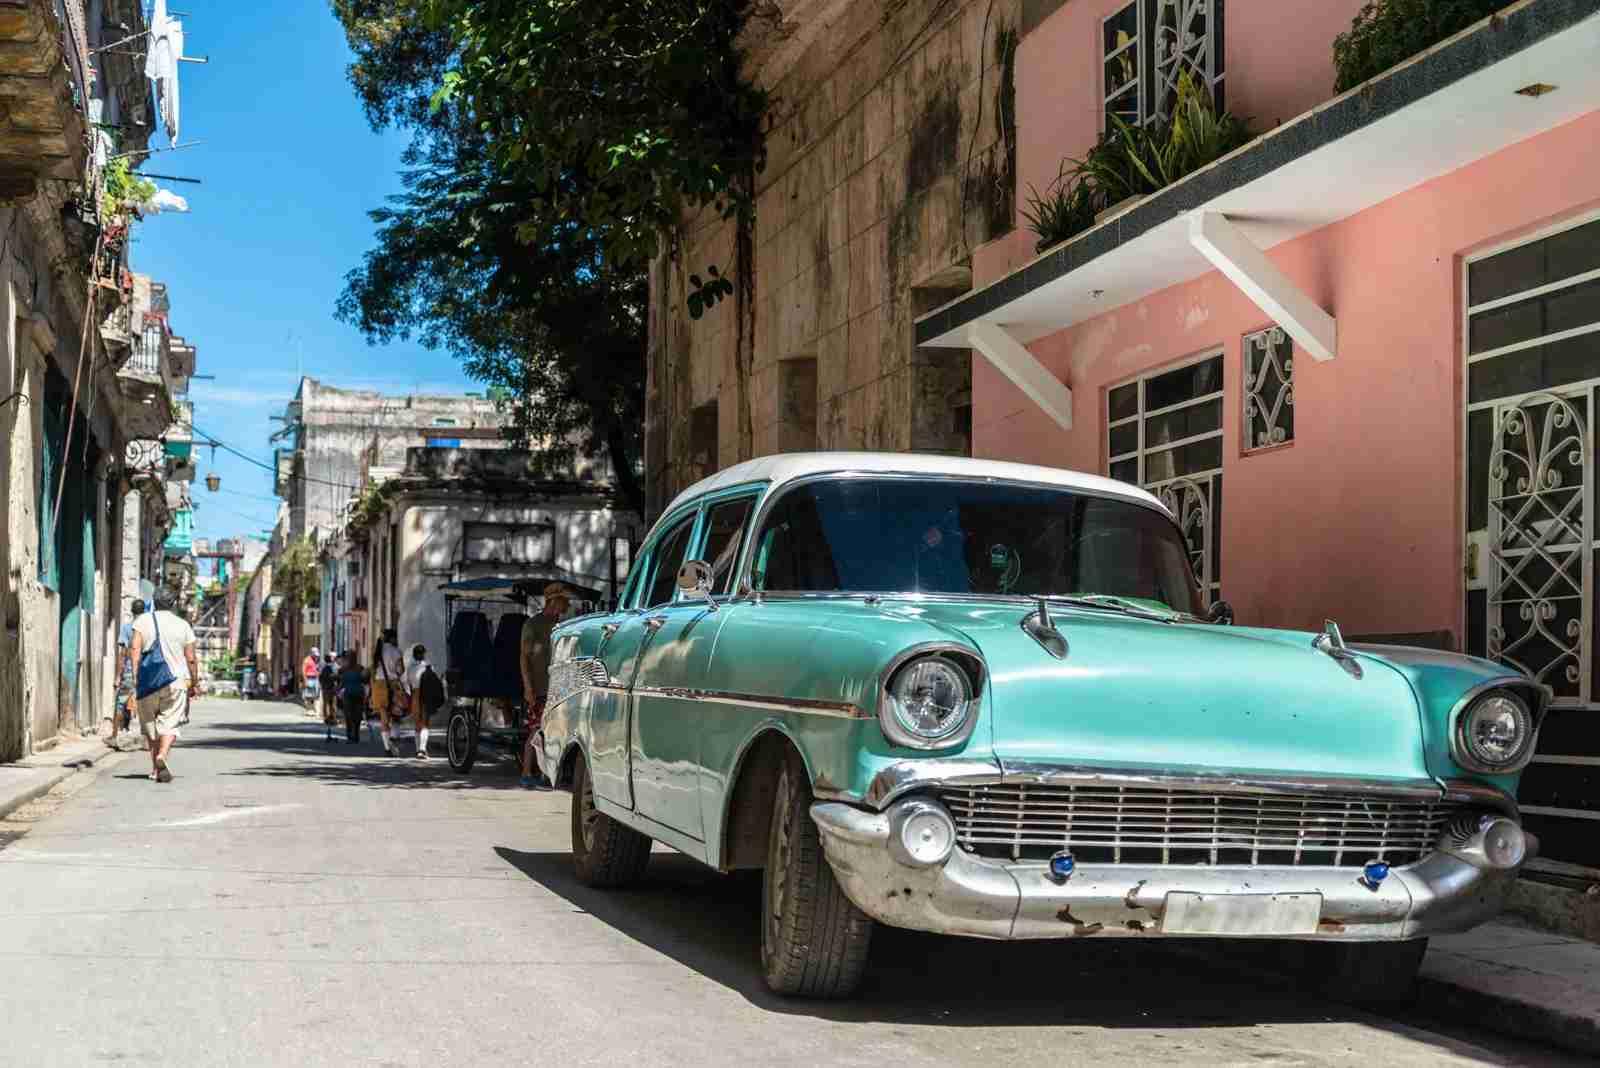 Cuba car city streats